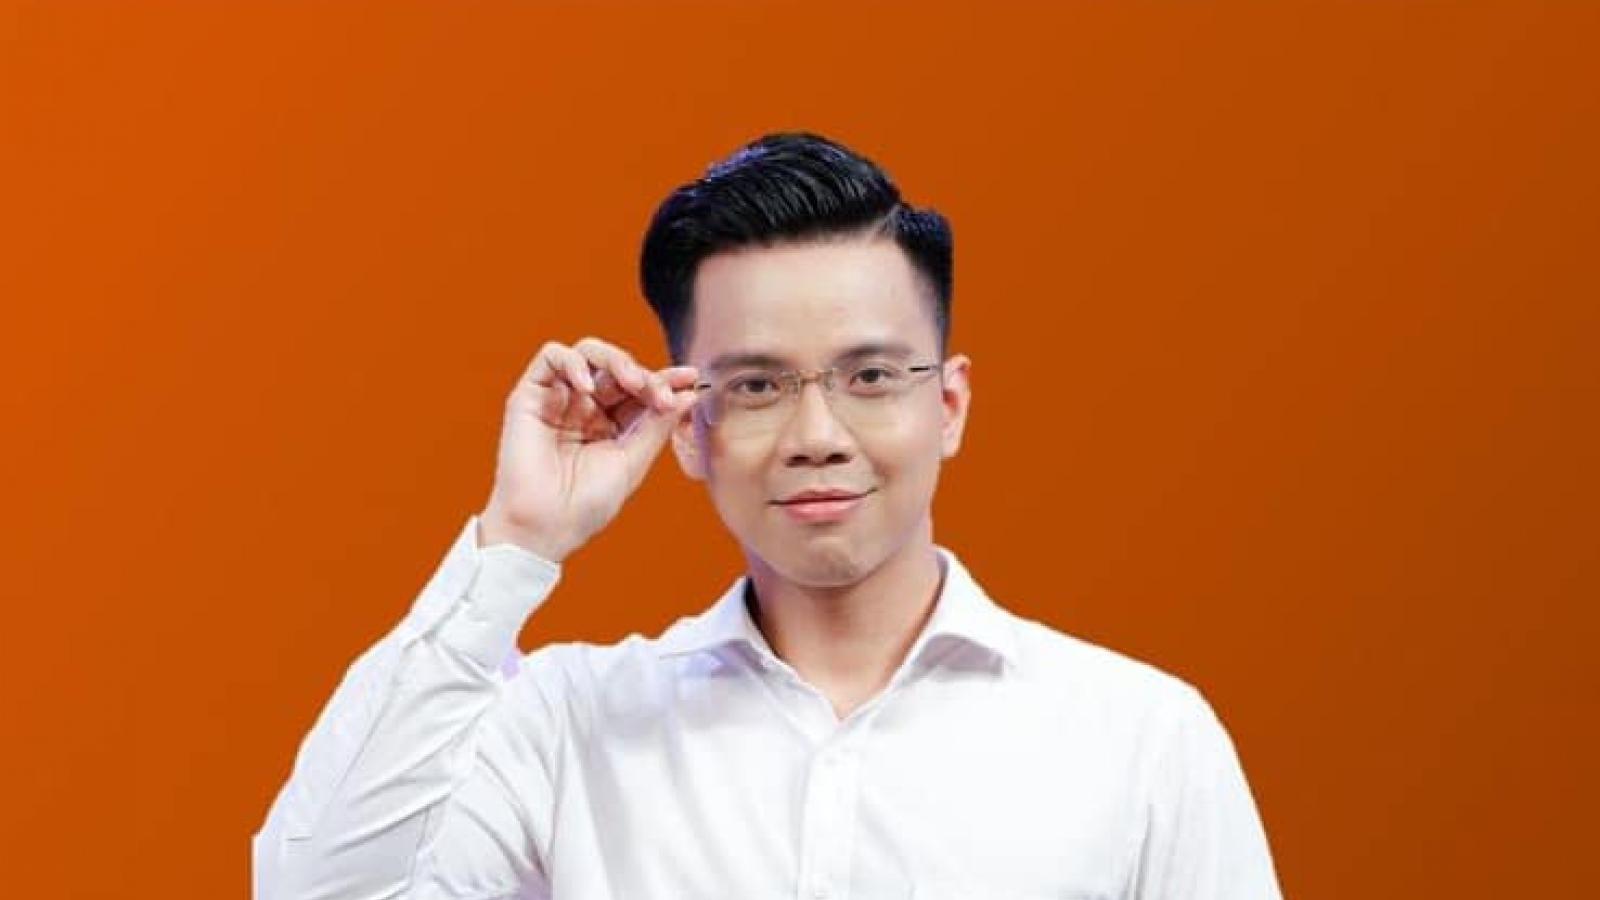 """Xúc động với ca khúc """"Sài Gòn tôi sẽ"""" của thầy giáo 9X"""